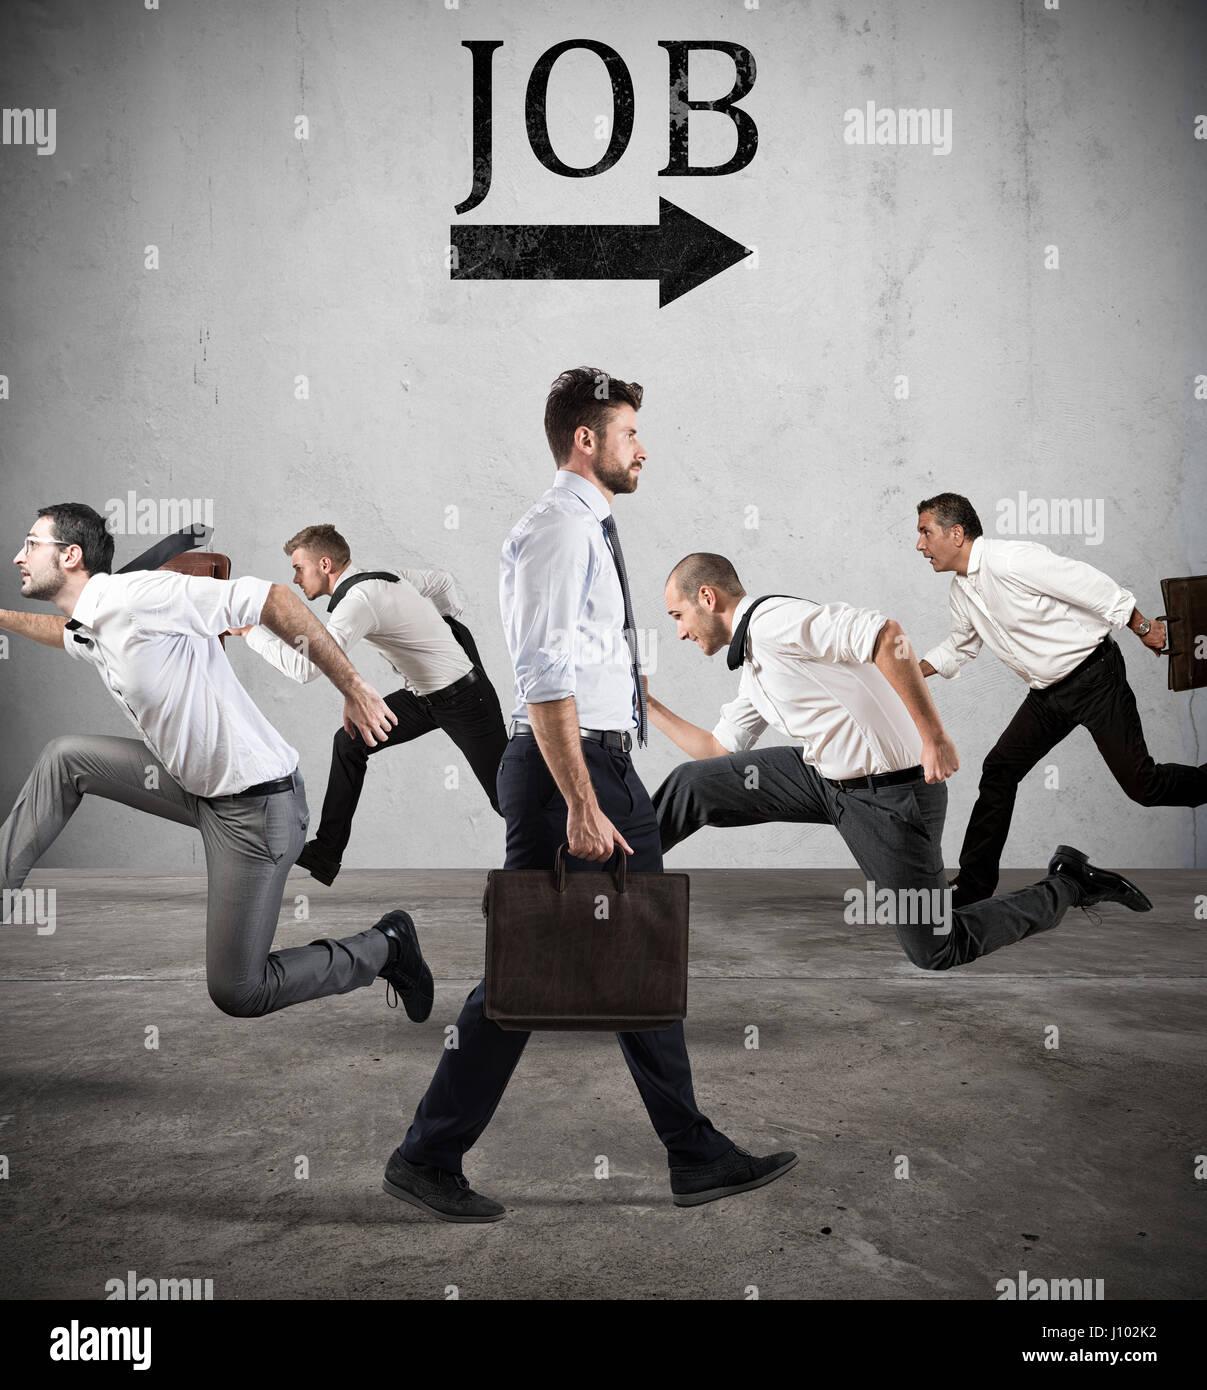 Seguire la freccia di lavoro. La paura del lavoro Immagini Stock